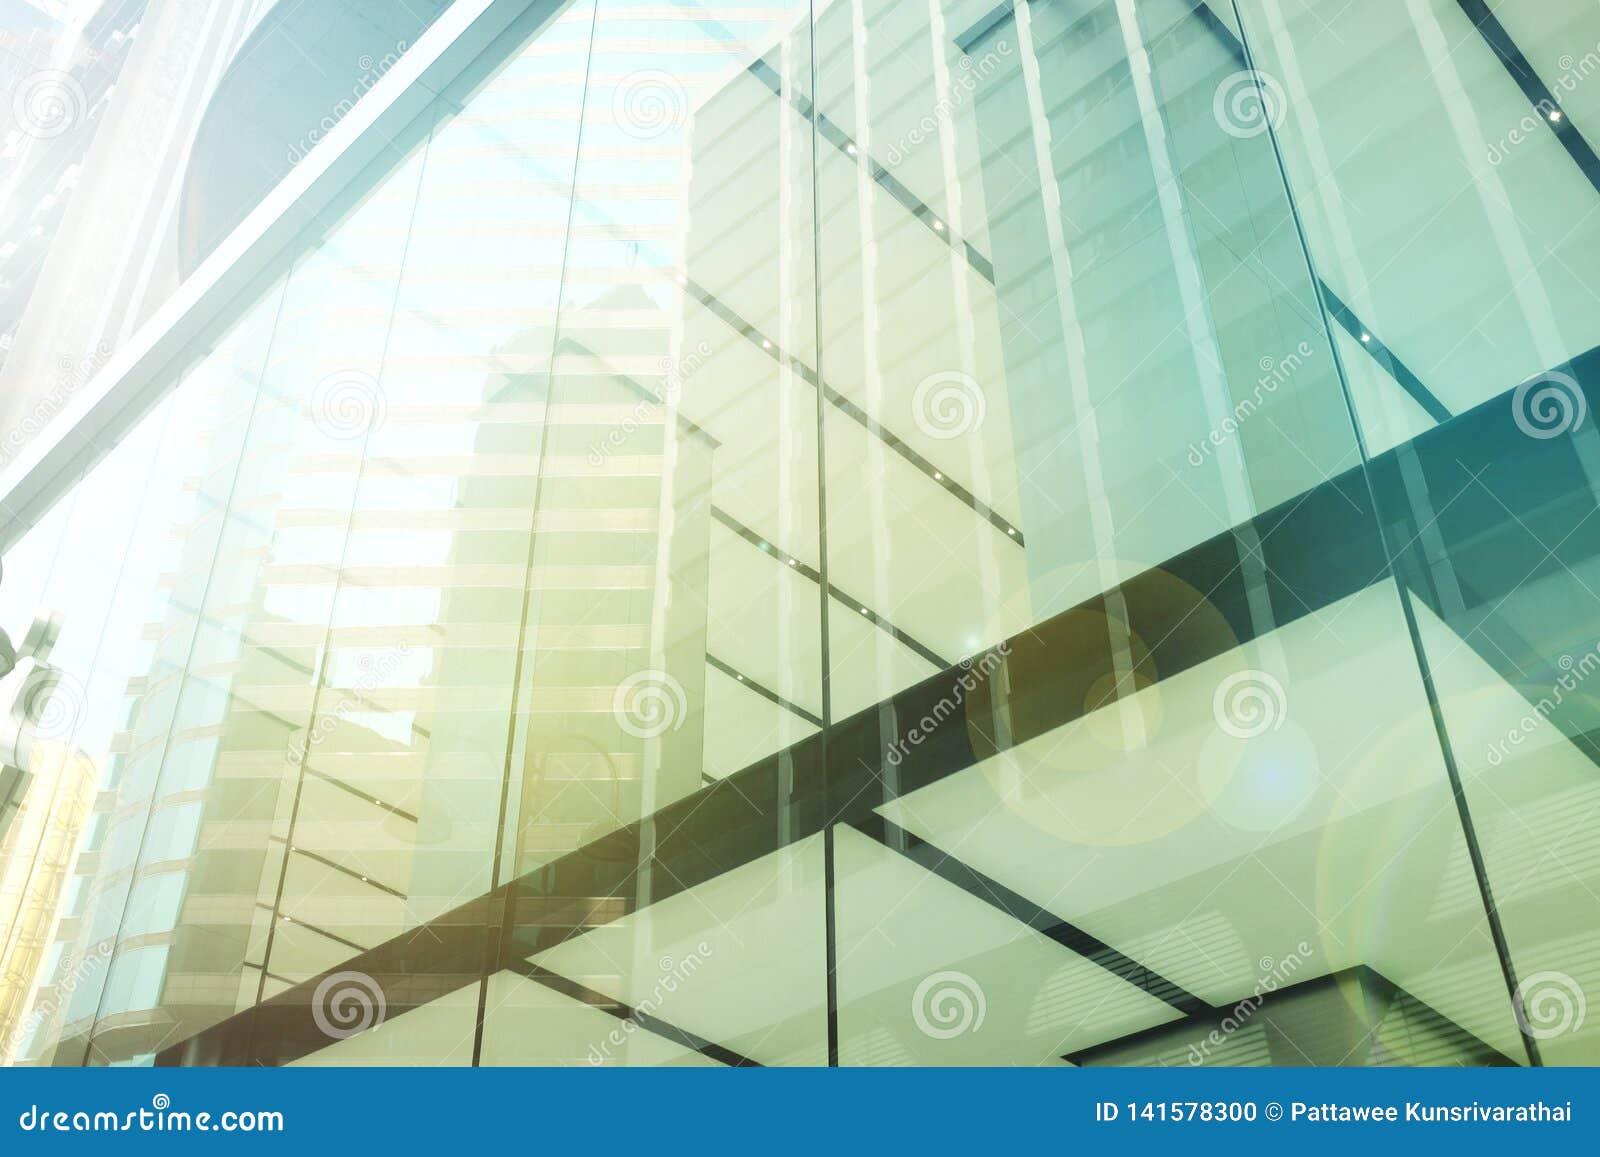 Buitenkant van glas woningbouw Bedrijfs concept De ruimte van het exemplaar